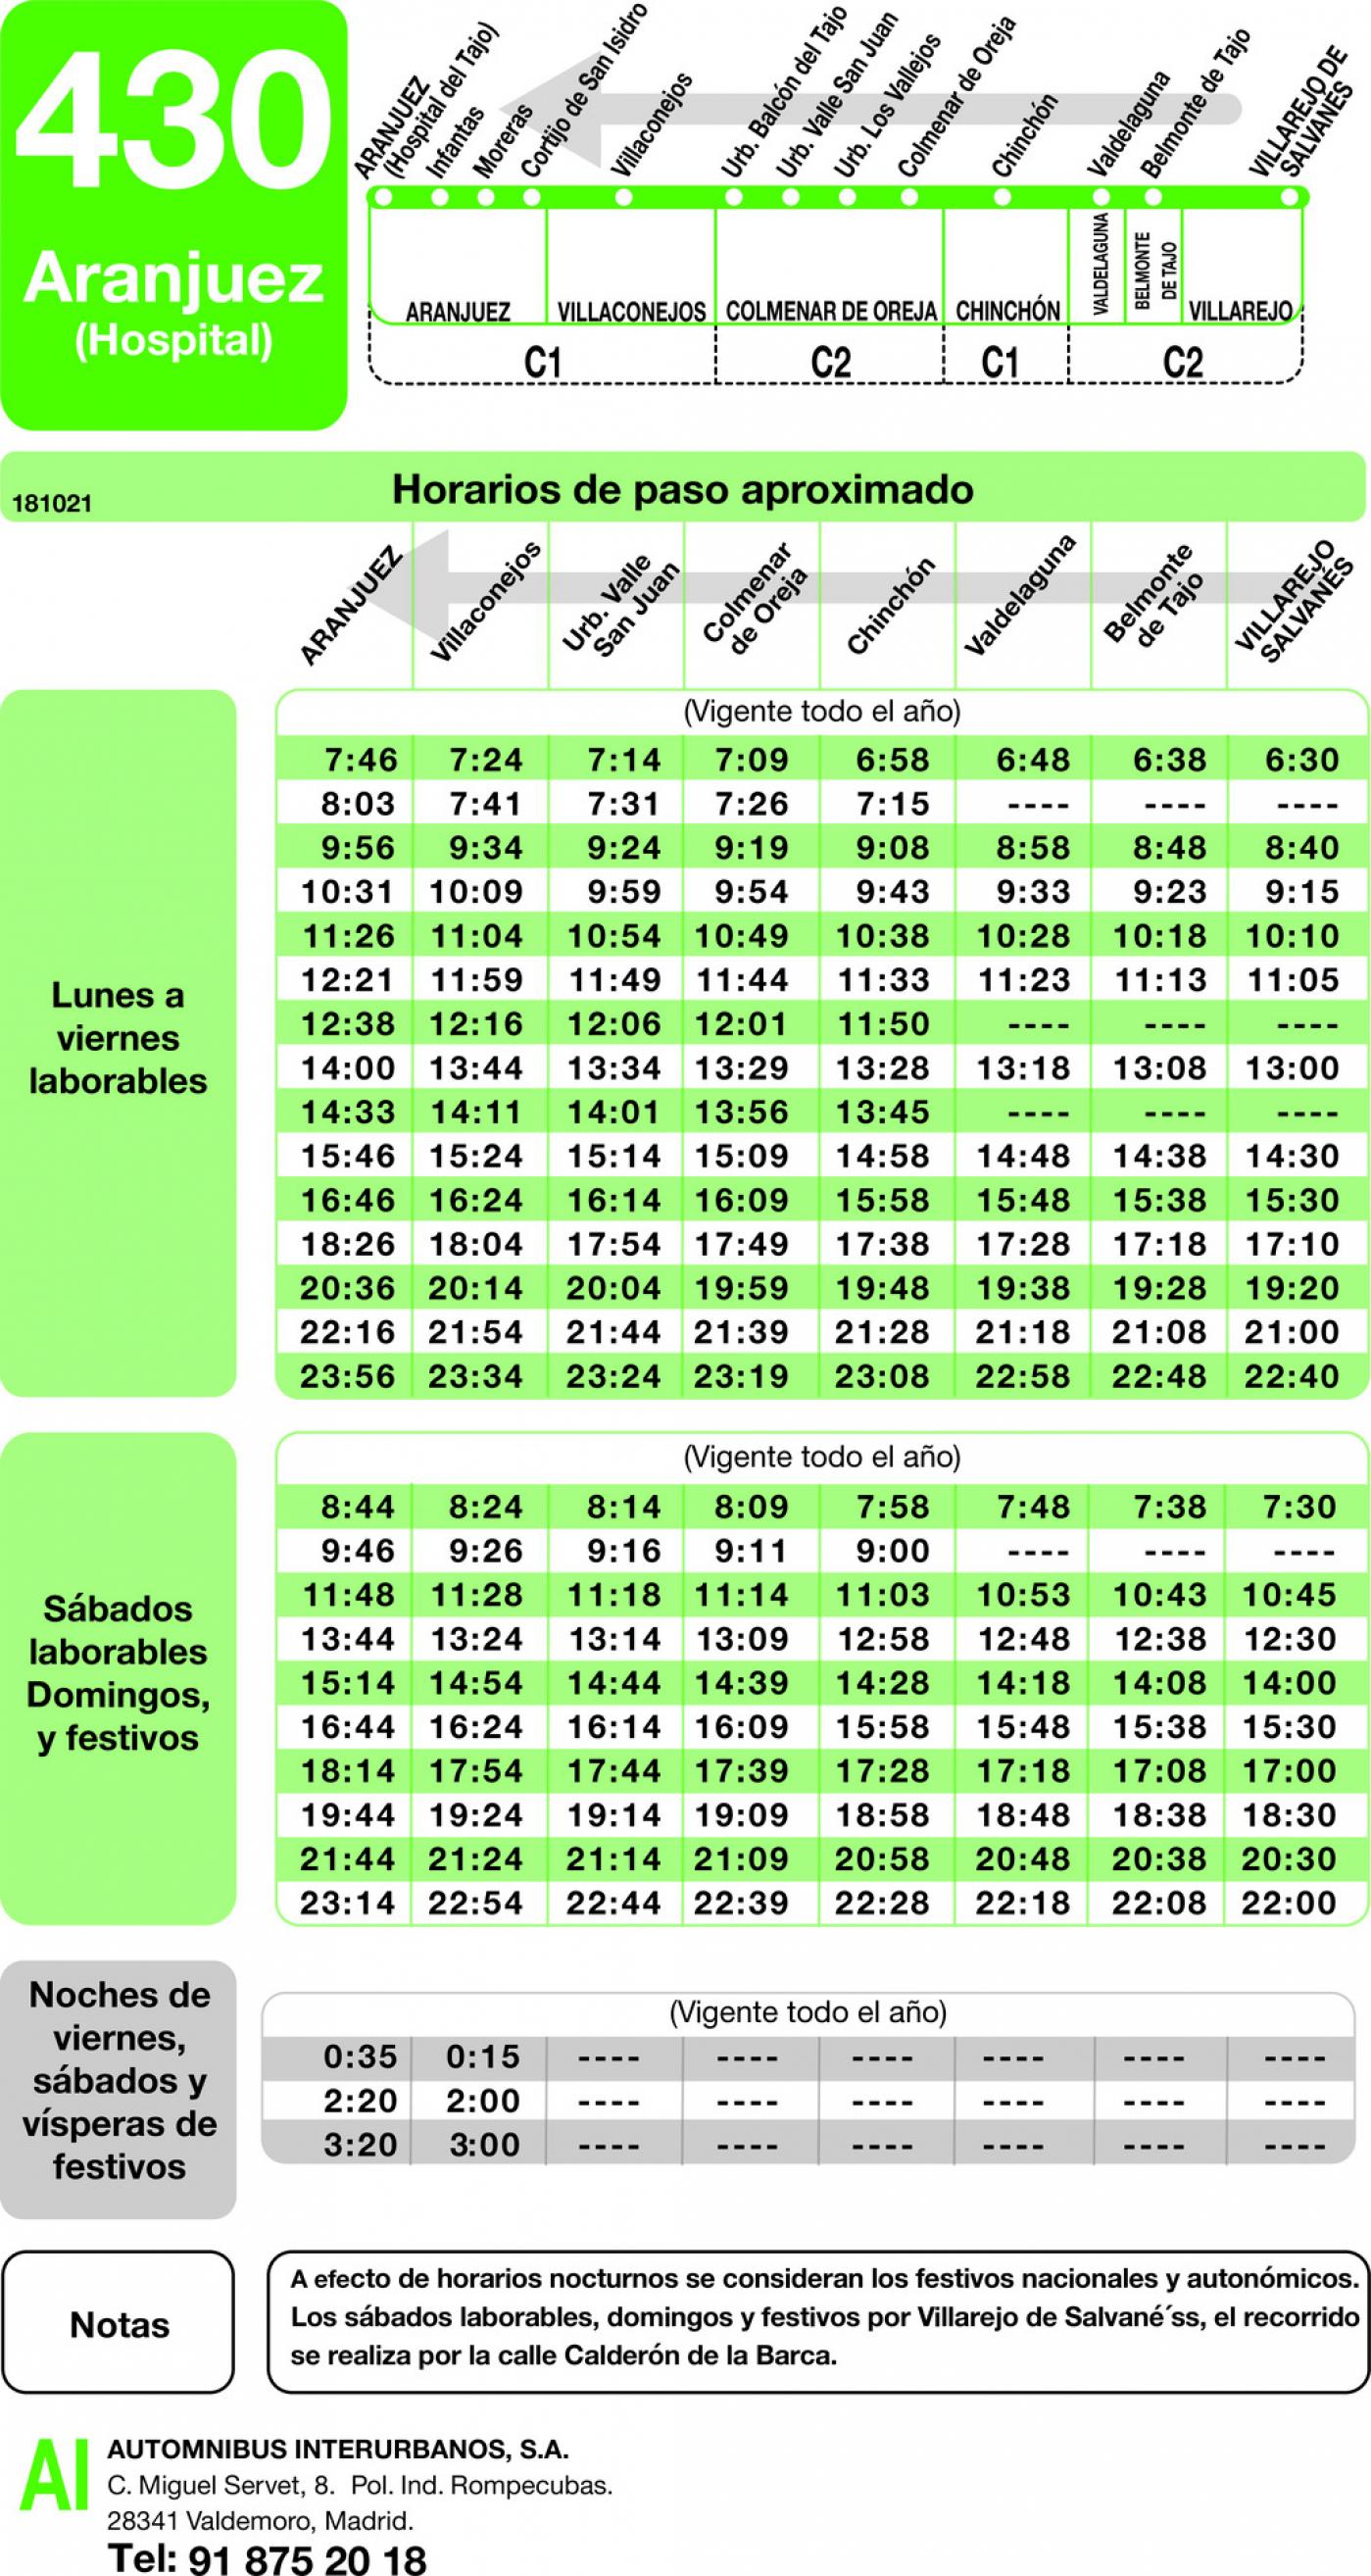 Tabla de horarios y frecuencias de paso en sentido vuelta Línea 430: Aranjuez - Villarejo de Salvanes